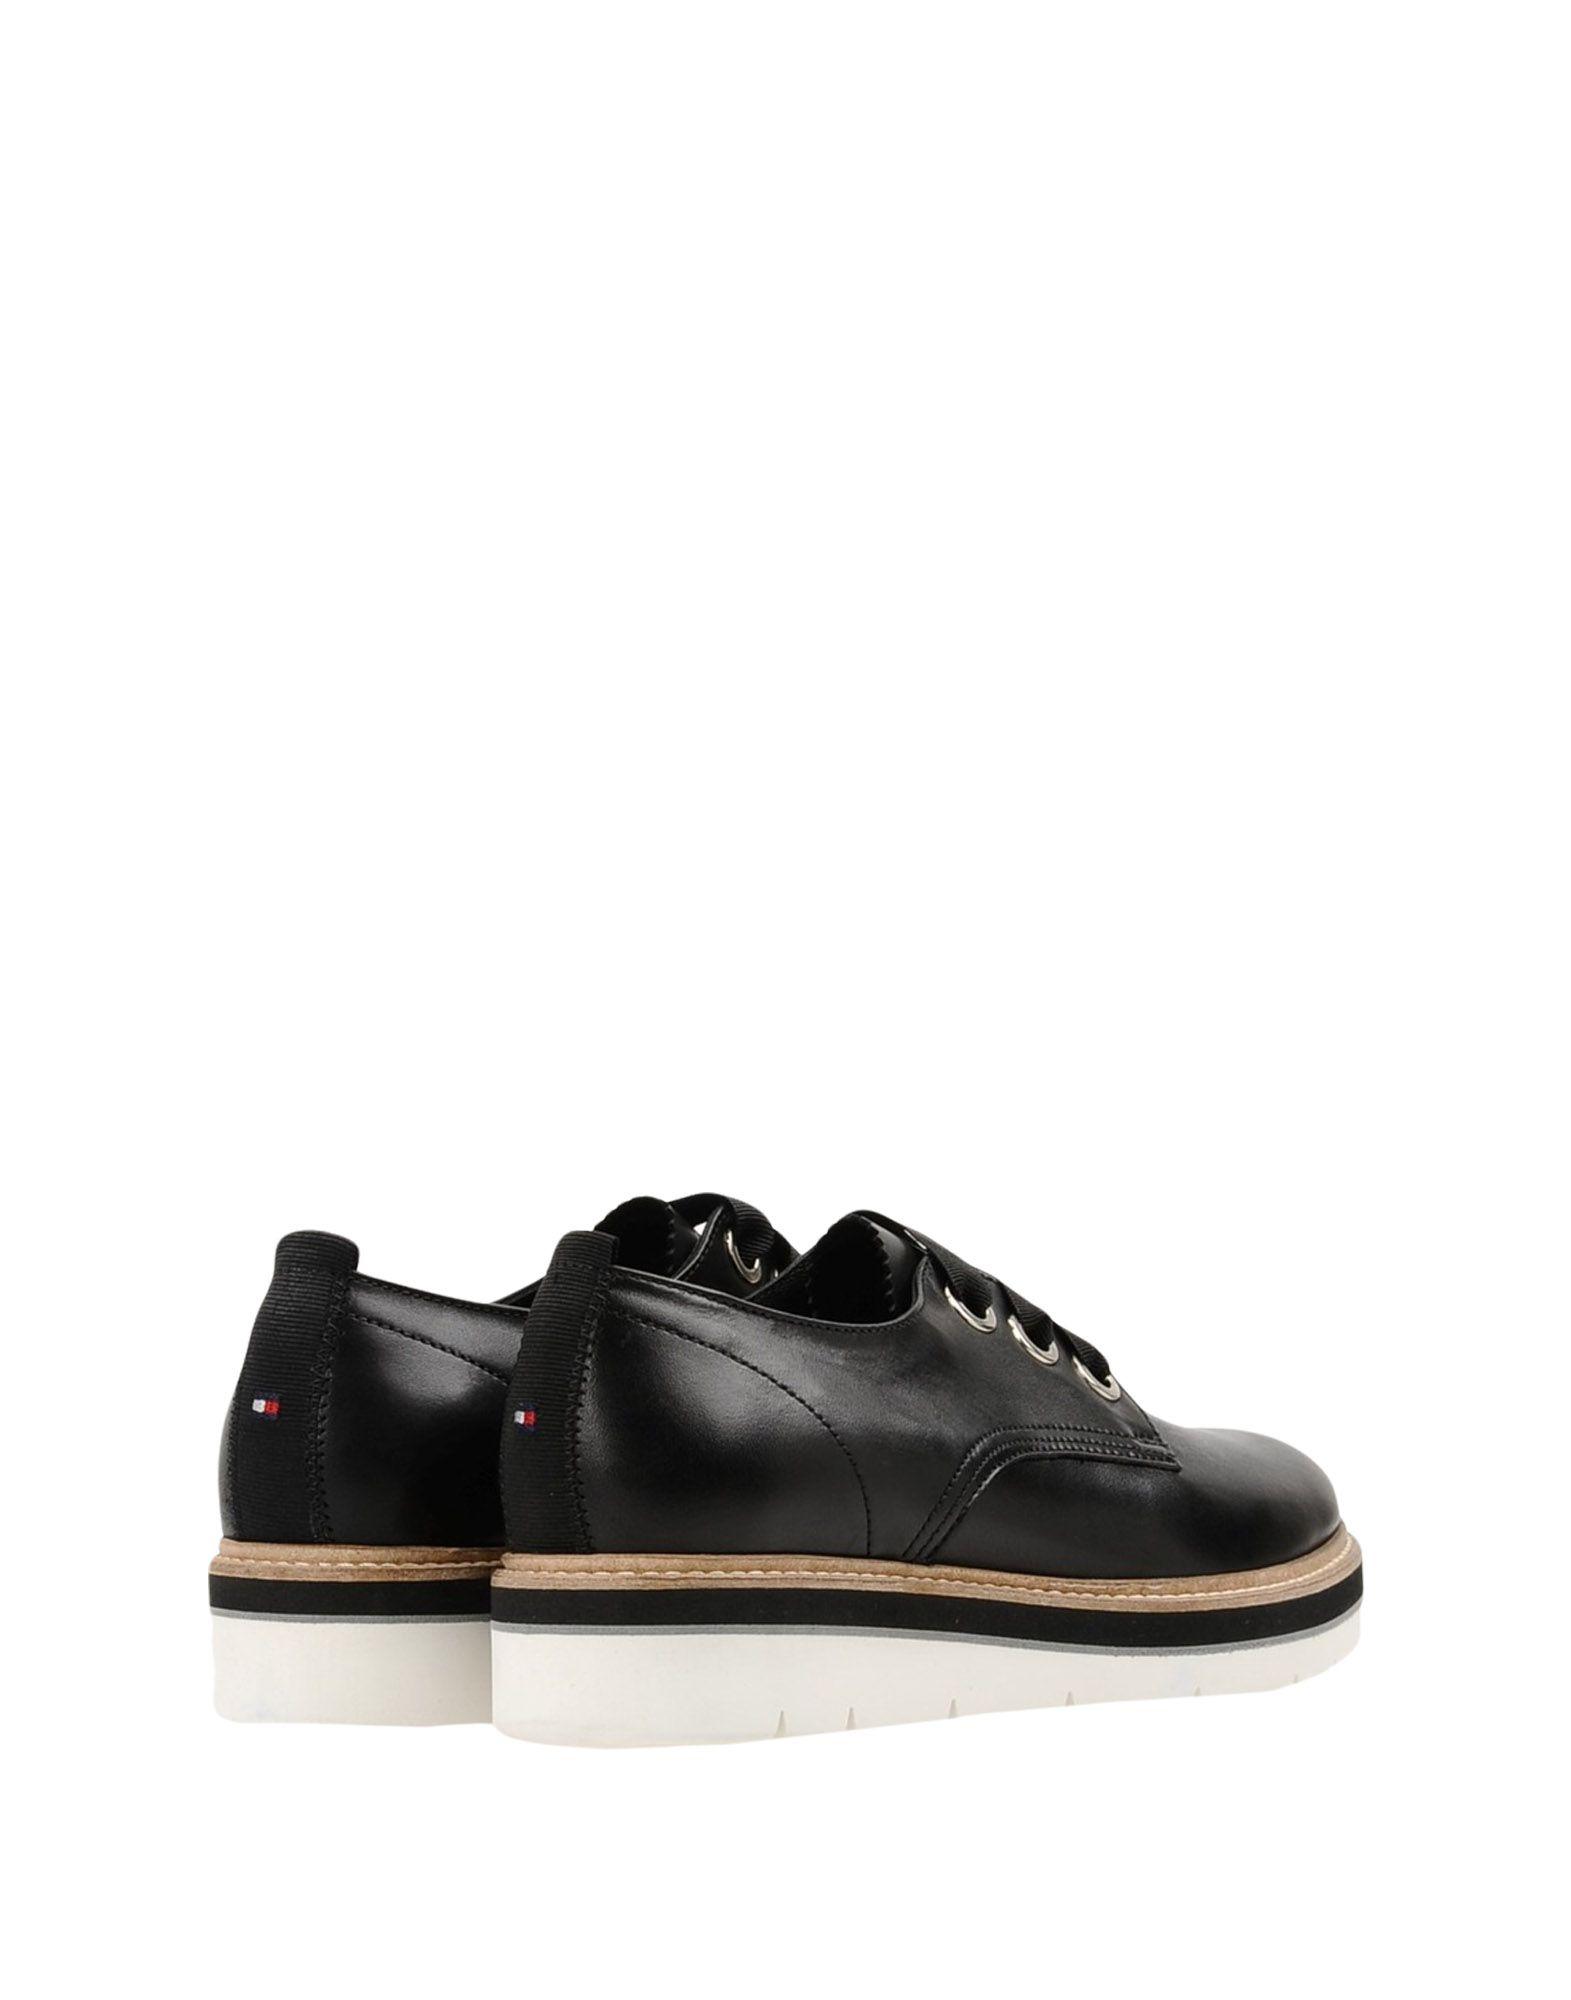 Chaussures À Lacets Tommy Hilfiger Femme - Chaussures À Lacets Tommy Hilfiger sur